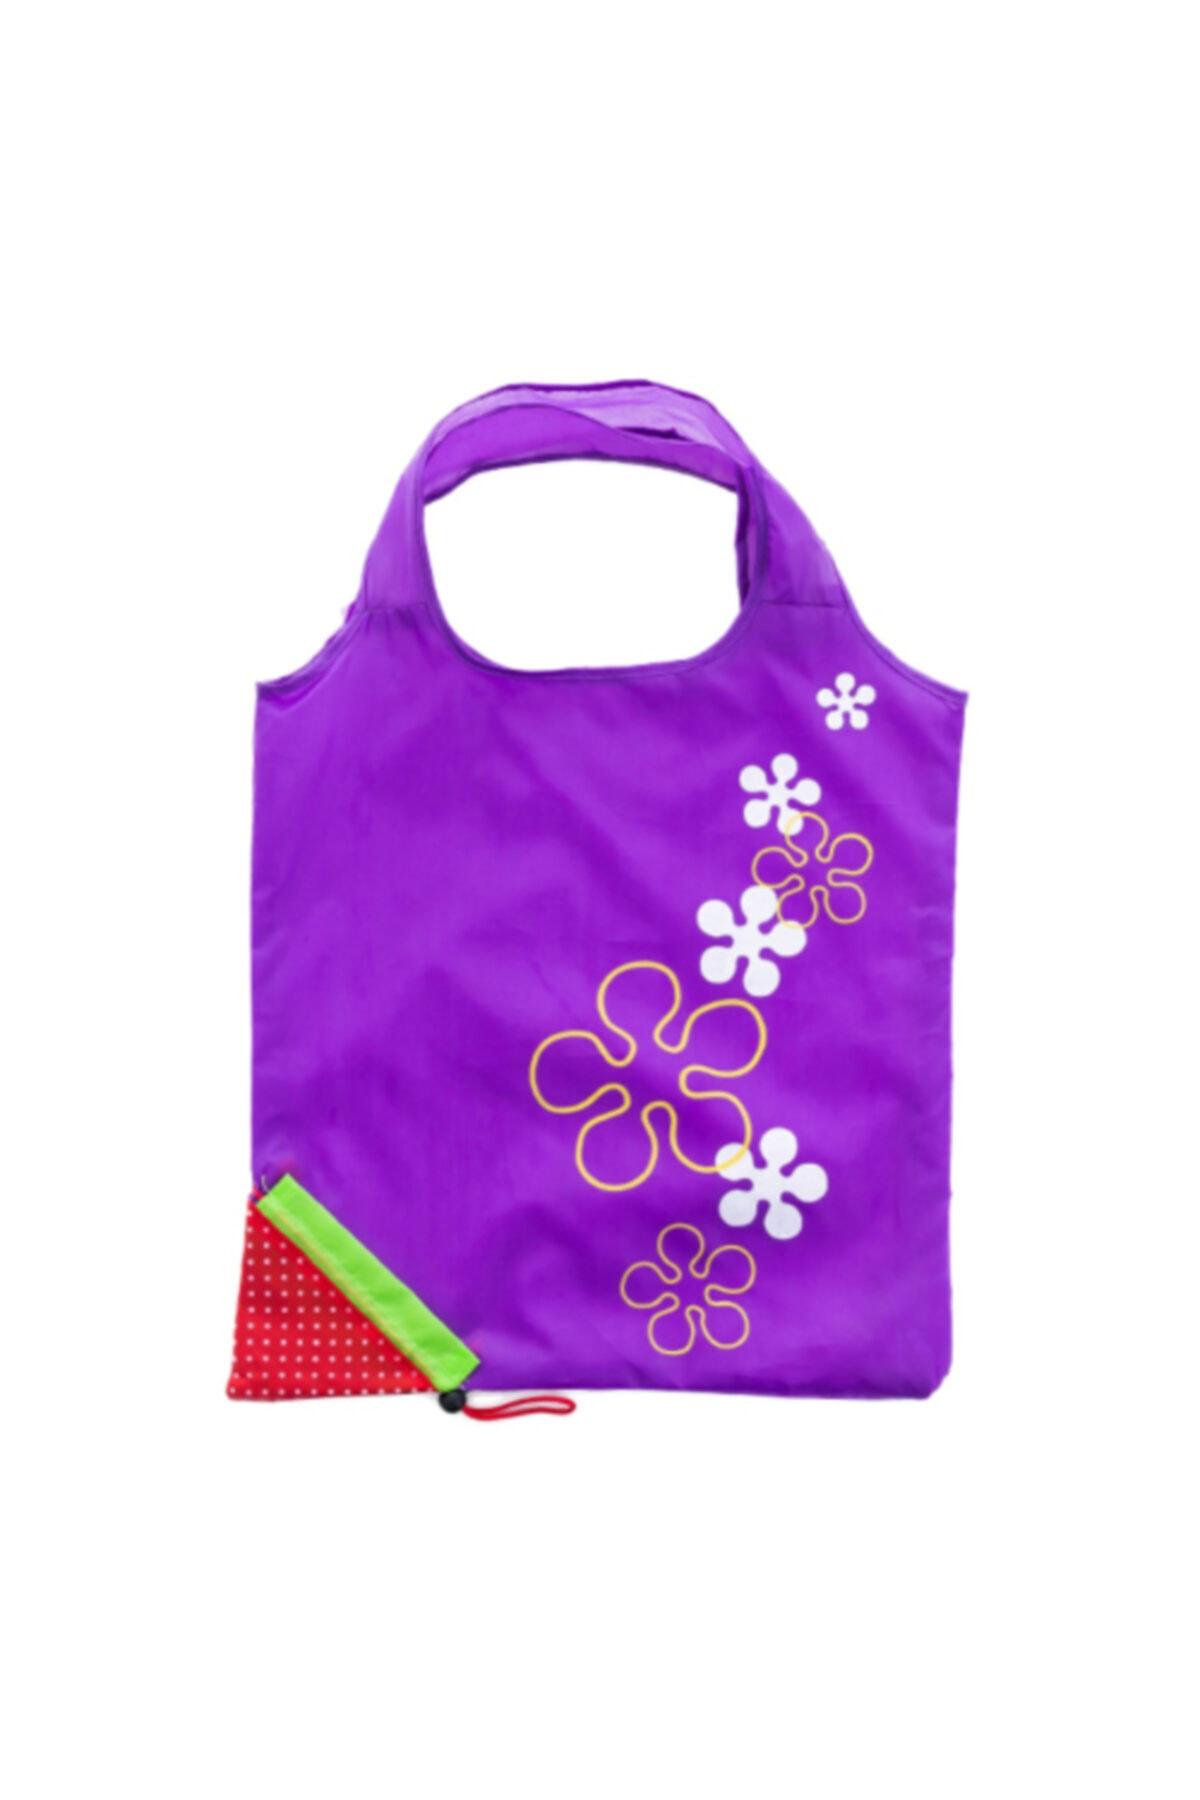 5 шт. Клубника Складная Сумка-тоут Рынок покупок Рынок с мешочком; Скручивающиеся фиолетовый мешок